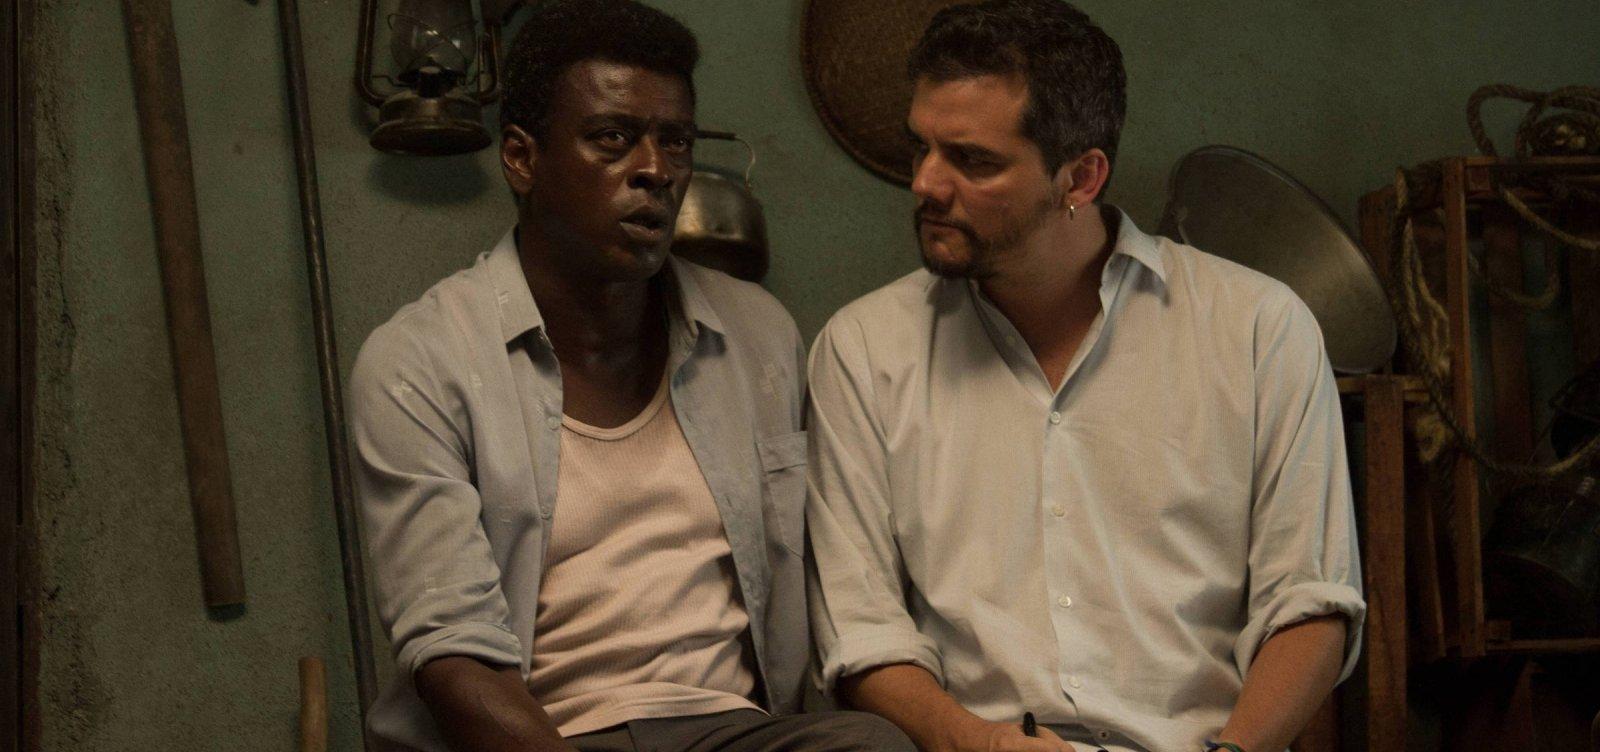 'Marighella', filme sobre guerrilheiro baiano, ganha data de estreia nacional após ser adiado mais de uma vez